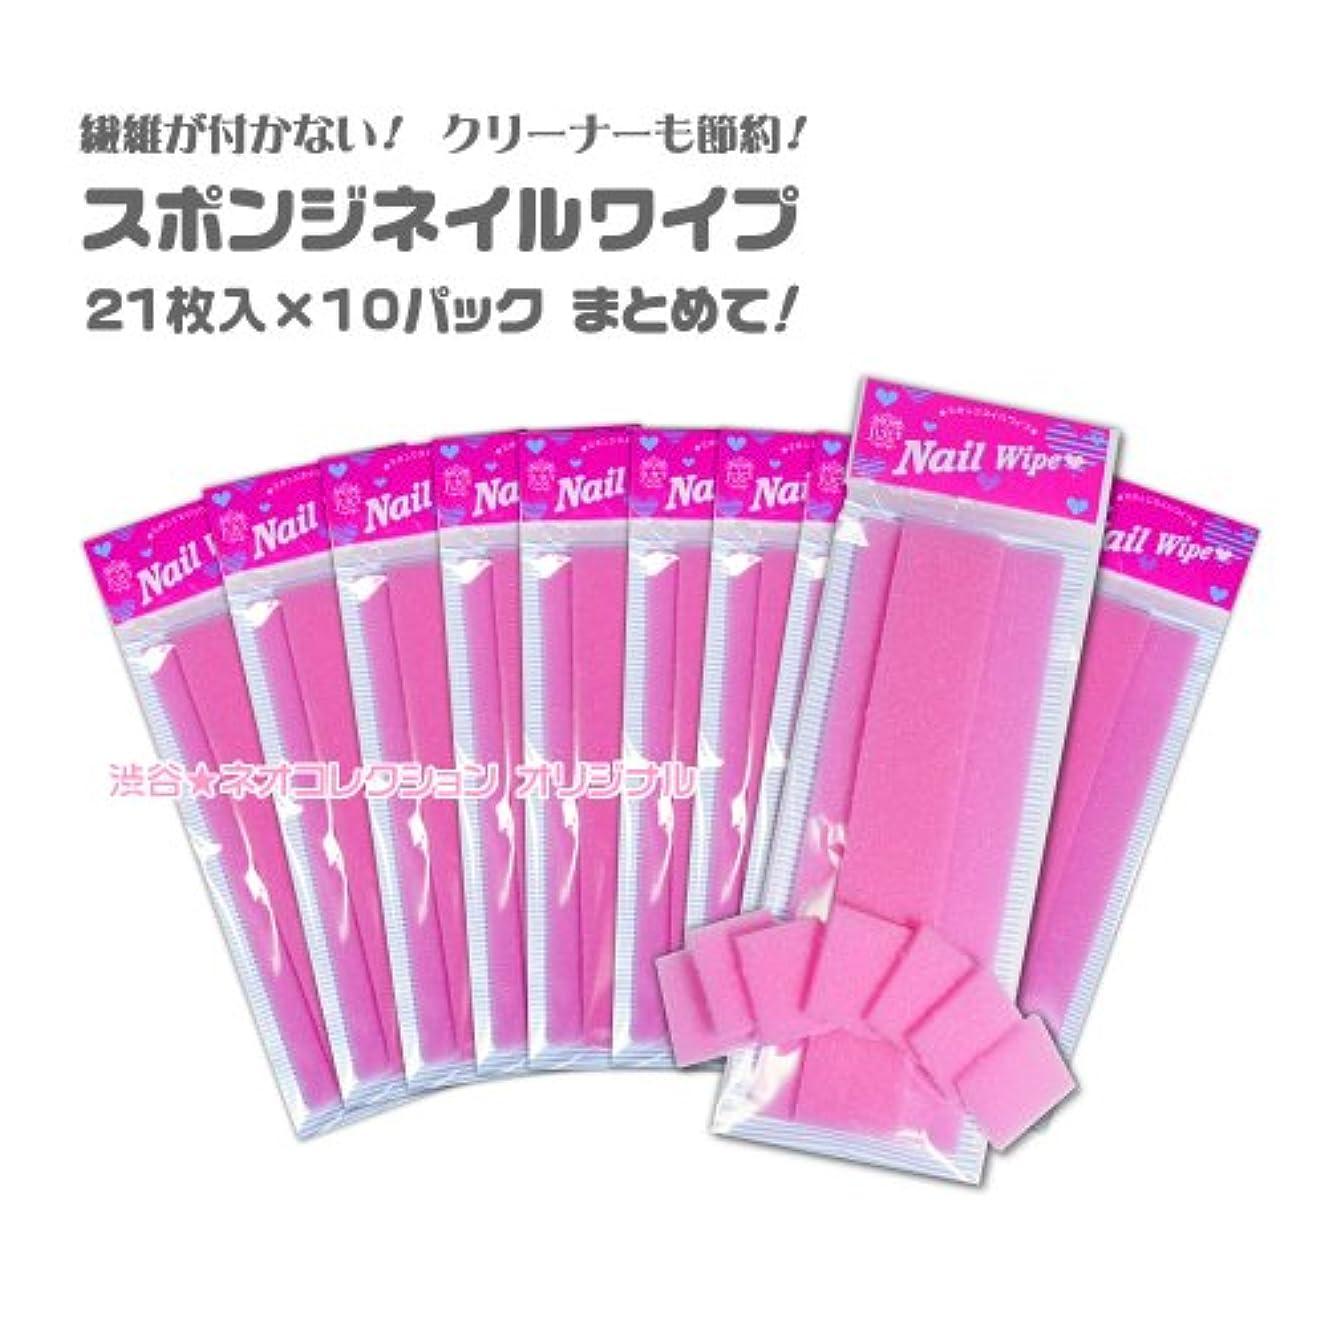 若者刺激する拮抗未硬化ジェルの拭き取りに ネイルワイプ 21枚×10パック スポンジワイプジェルクリーナーと一緒に使用